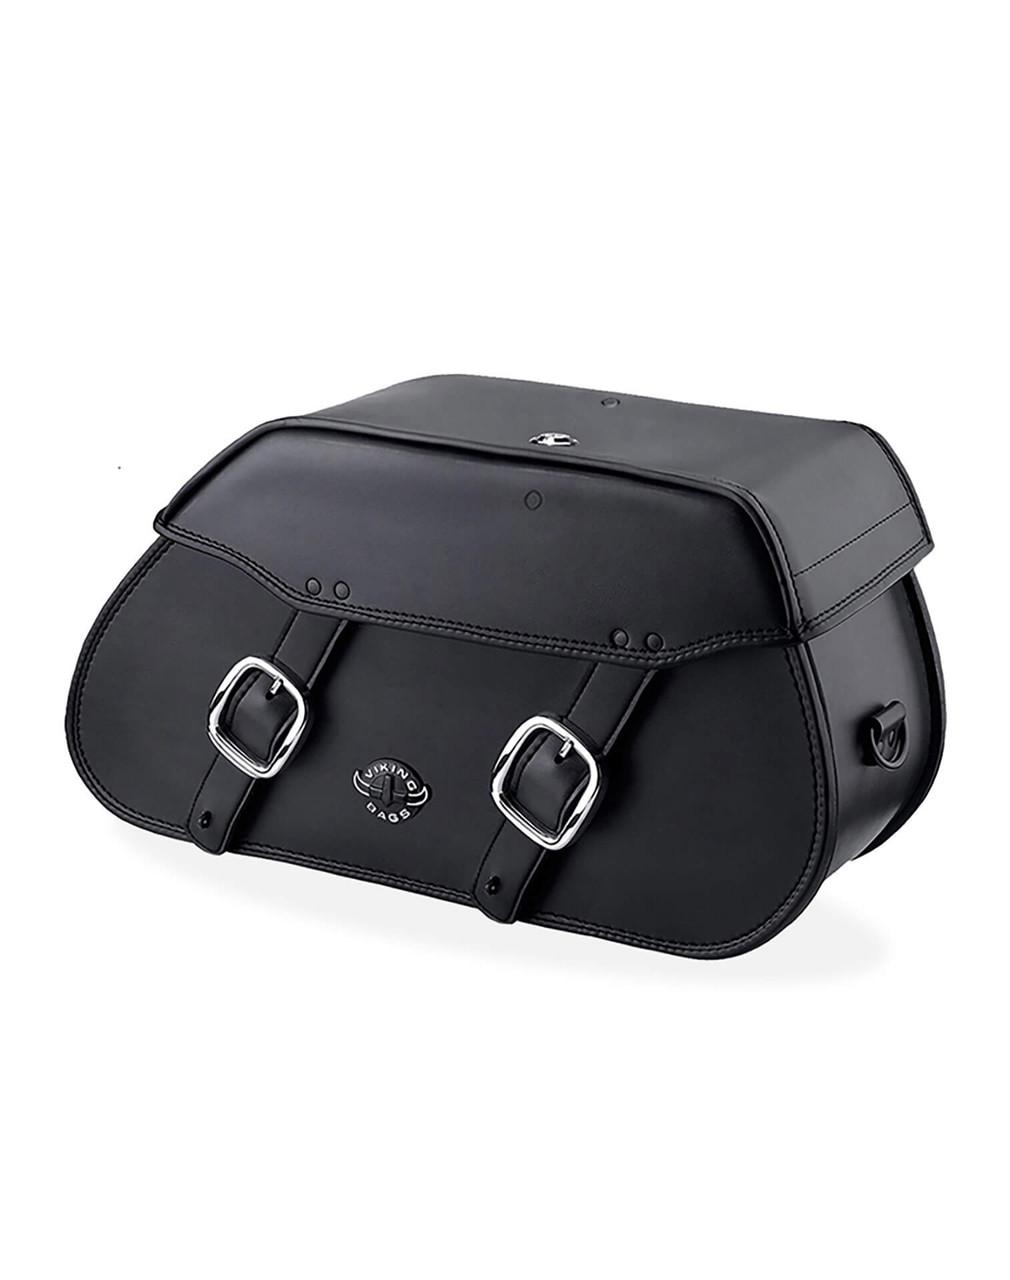 Victory Judge Pinnacle Motorcycle Saddlebags Main Bag View